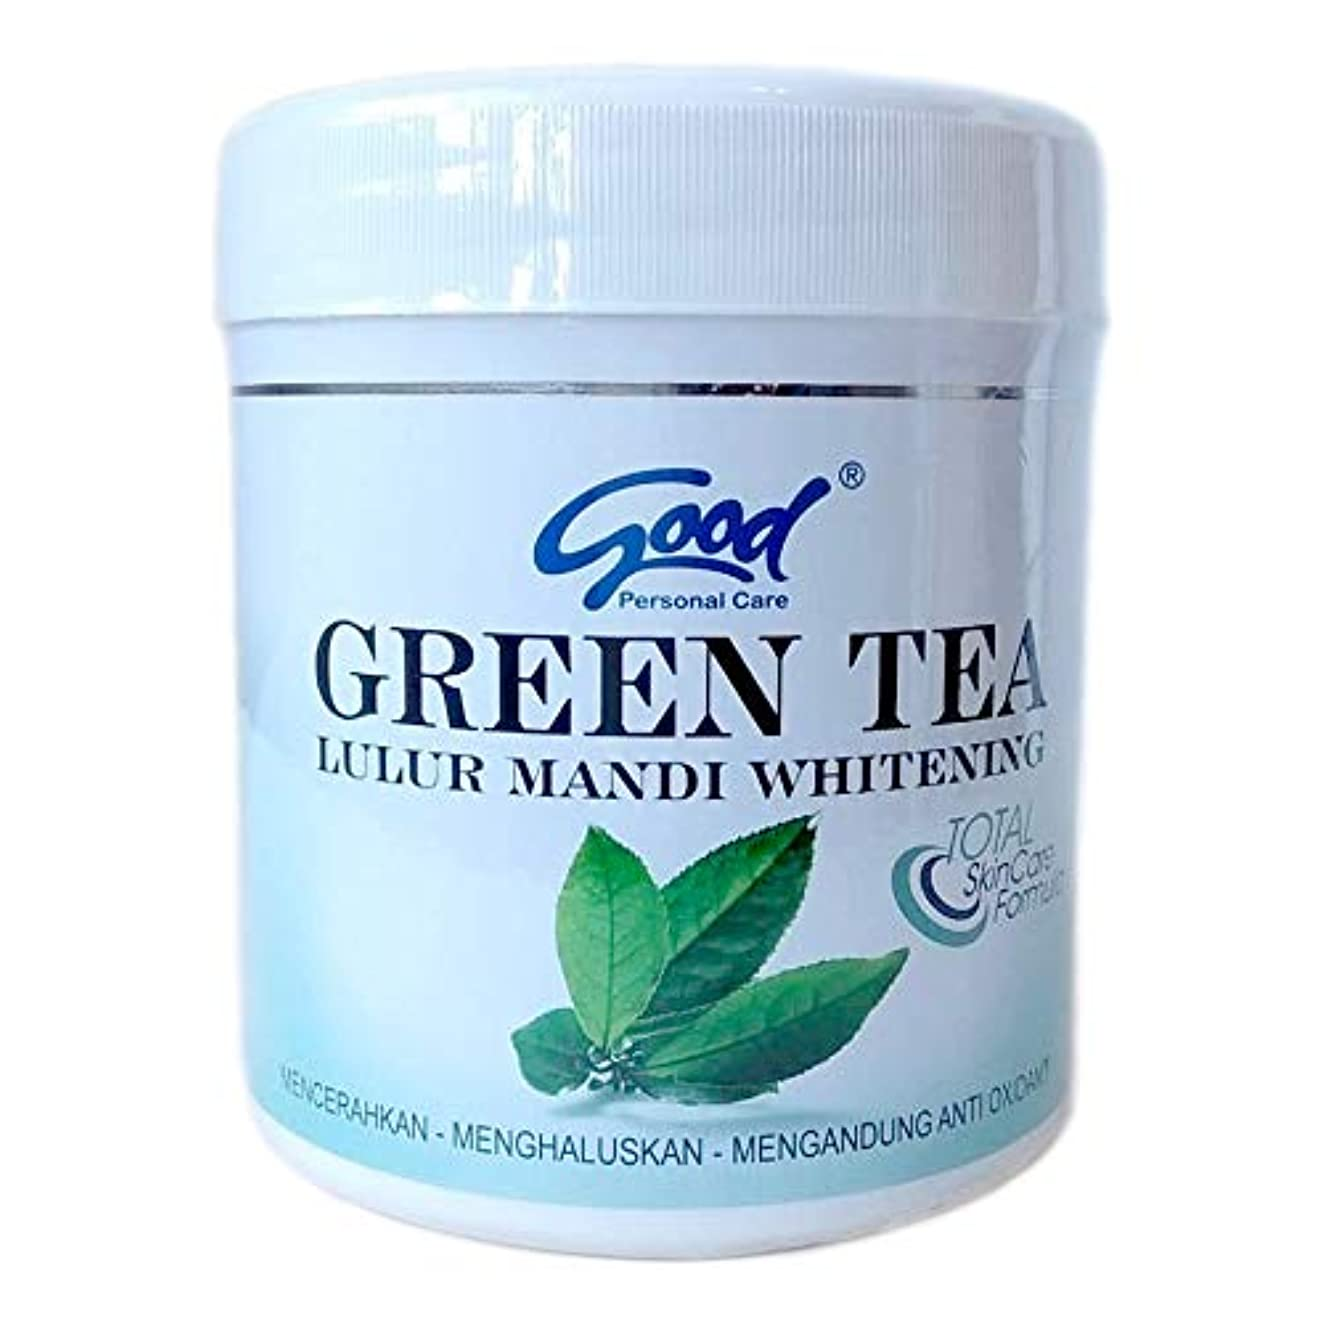 フラグラントいとこフォークgood グッド Lulur Mandi Whitening ルルール マンディ ホワイトニング GREEN TEA グリーンティー 1kg / マンディルルール ボディピーリング ボディトリートメント [海外直送品]